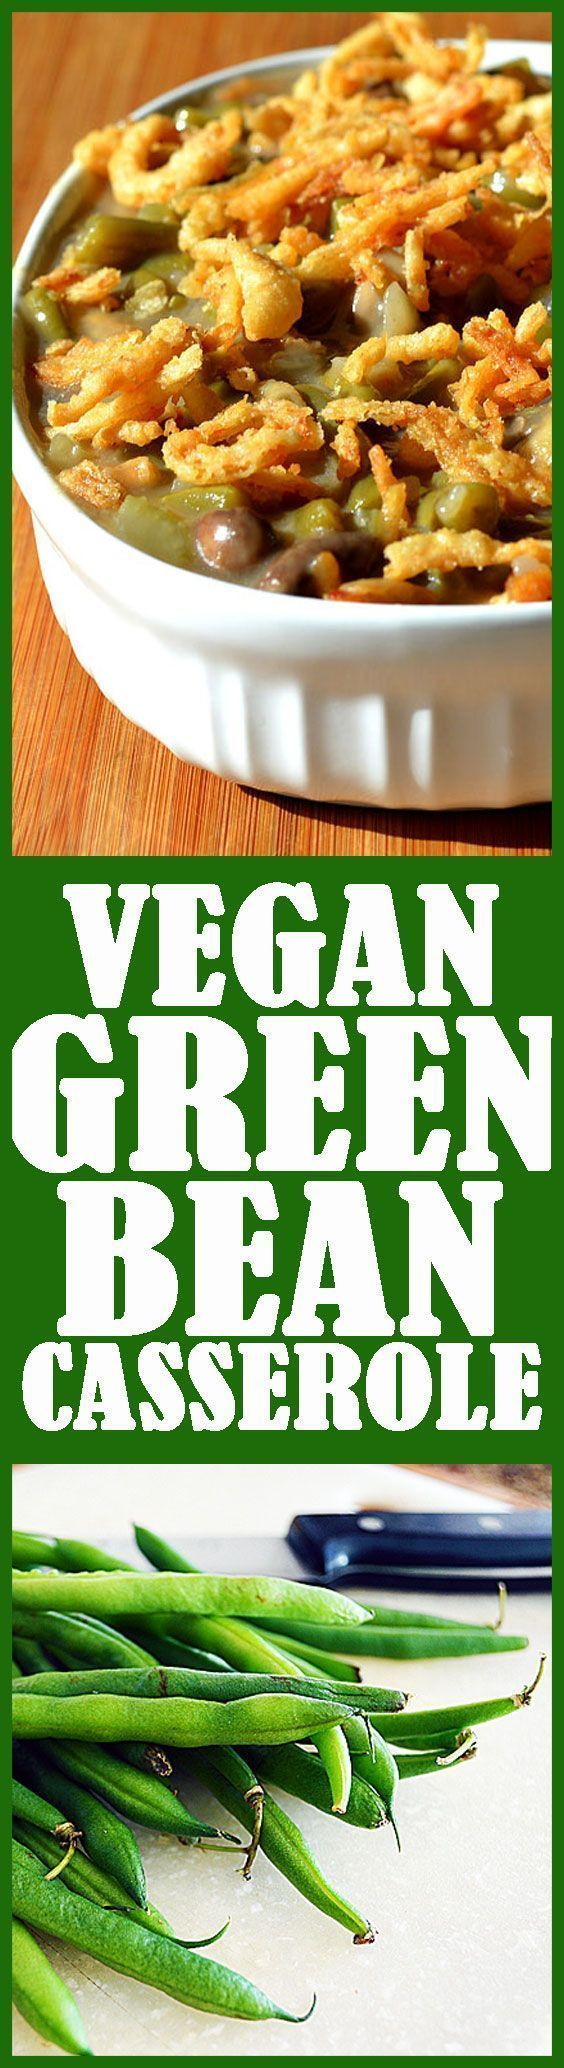 Green Bean Casserole on Pinterest | Healthy Green Beans, Green Bean ...